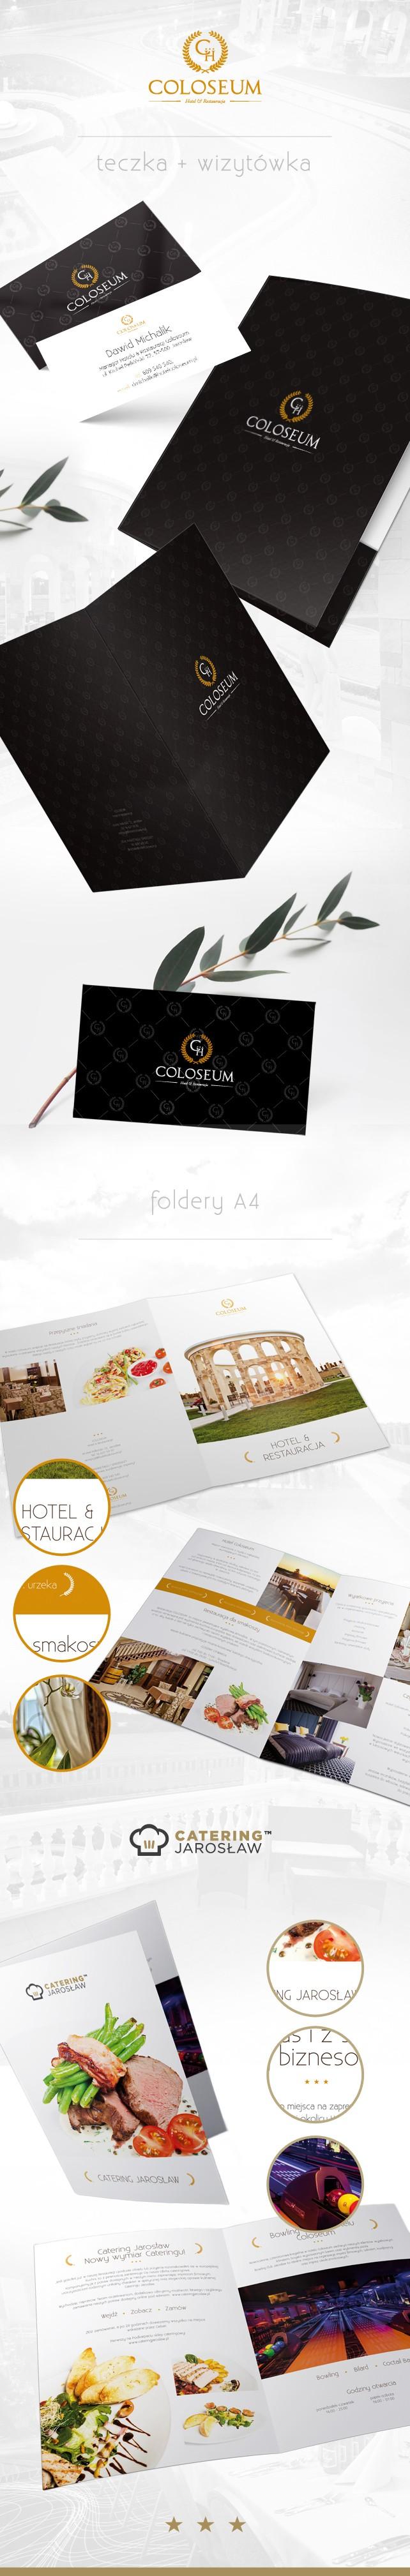 Projekt graficzny, dtp Hotel Coloseum DTP